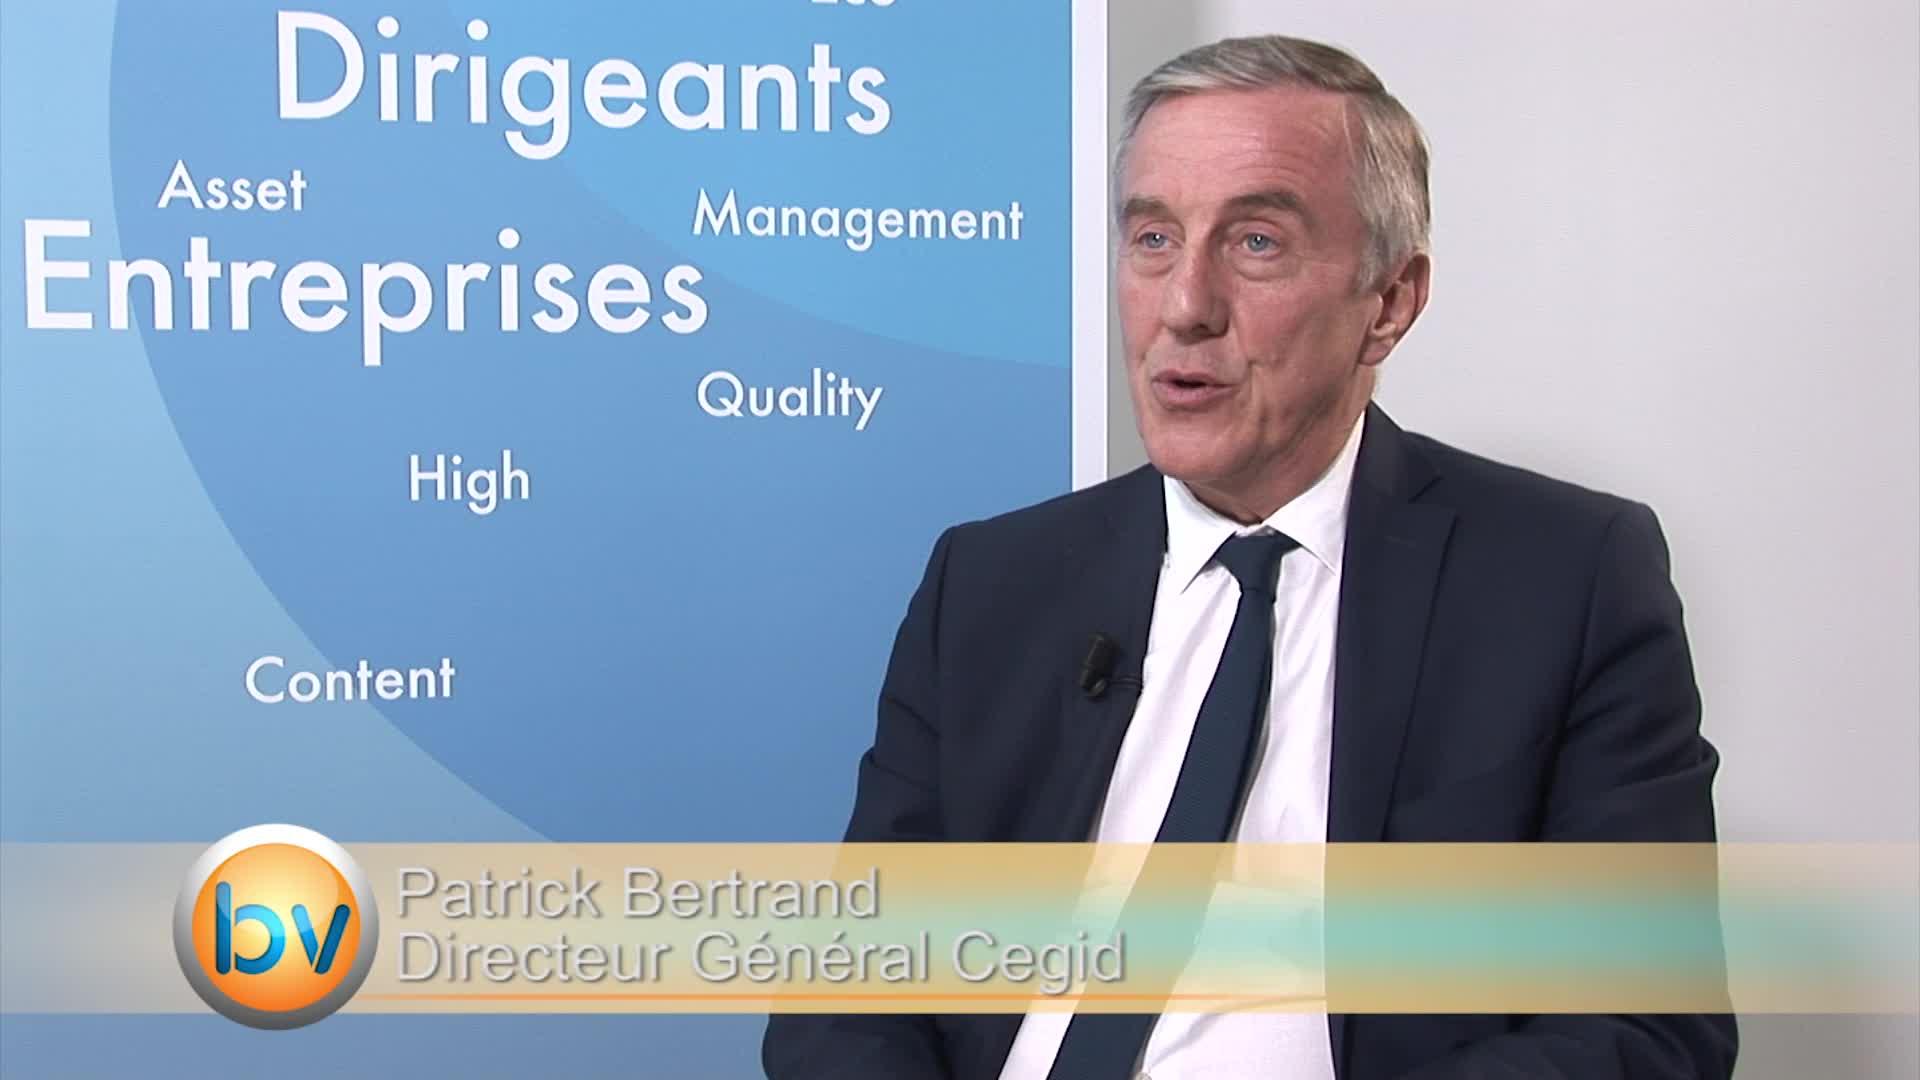 """Patrick Bertrand Directeur Général de Cegid : """"L'objectif est maintenant d'arriver à un chiffre d'affaires récurrent de 70%"""""""